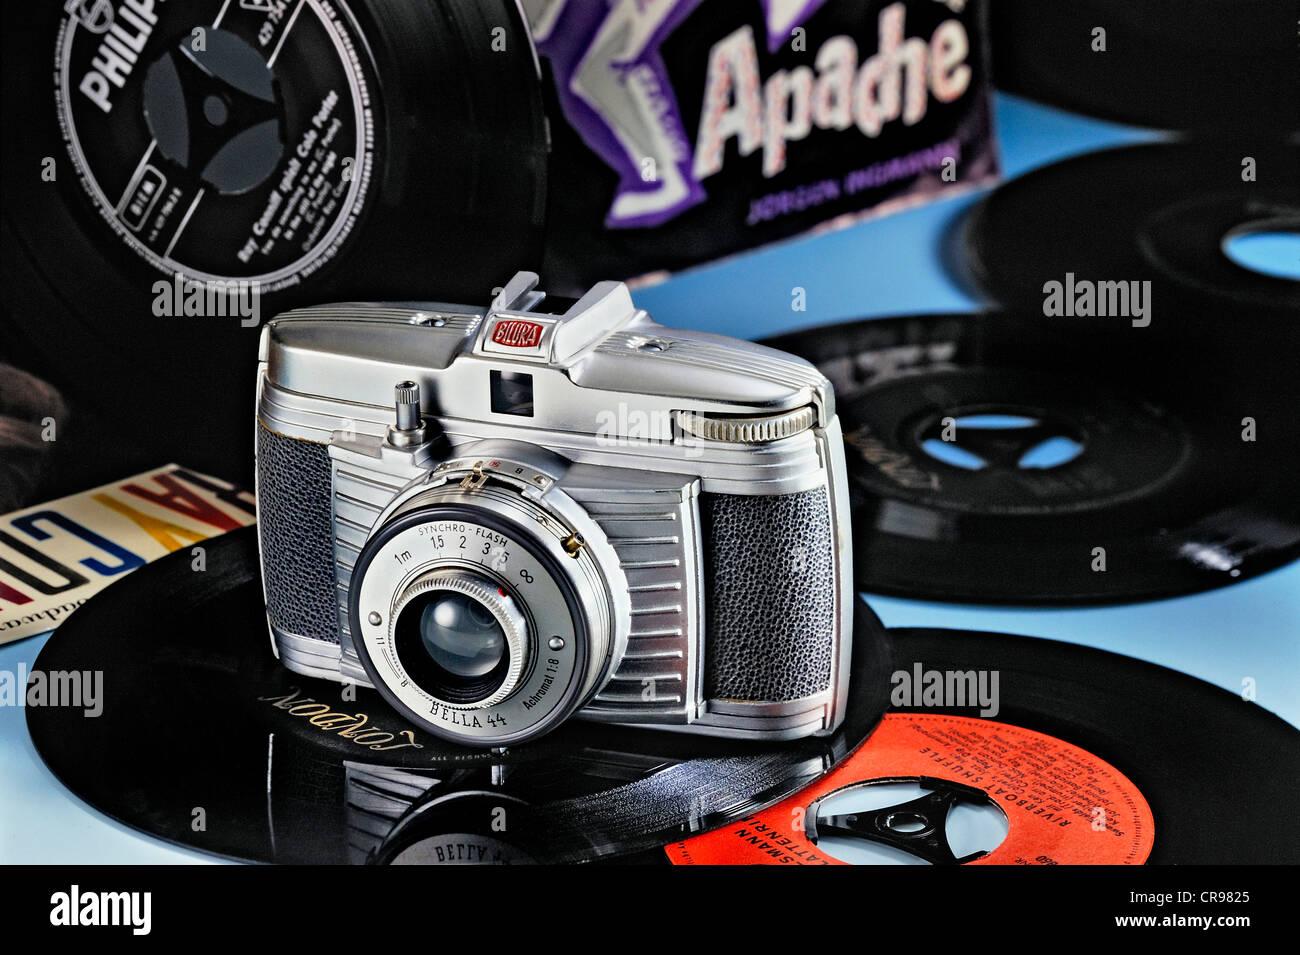 Bilora Bella 44, cámara del 60s con registros individuales Imagen De Stock